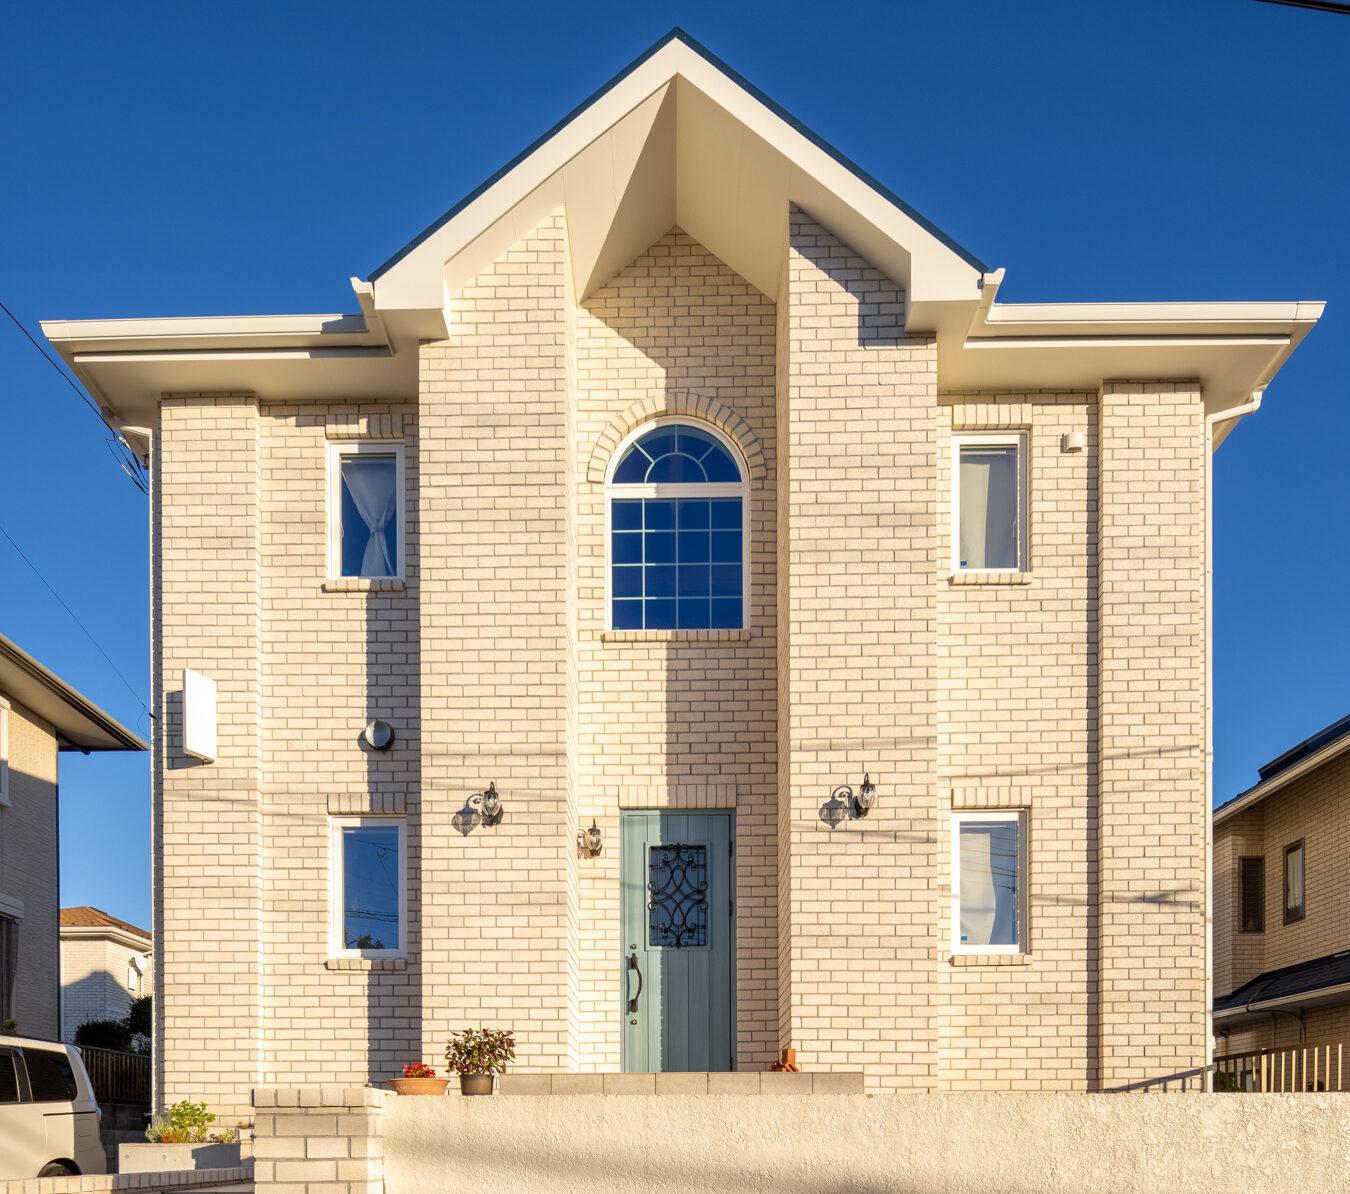 青空に映える白レンガの家